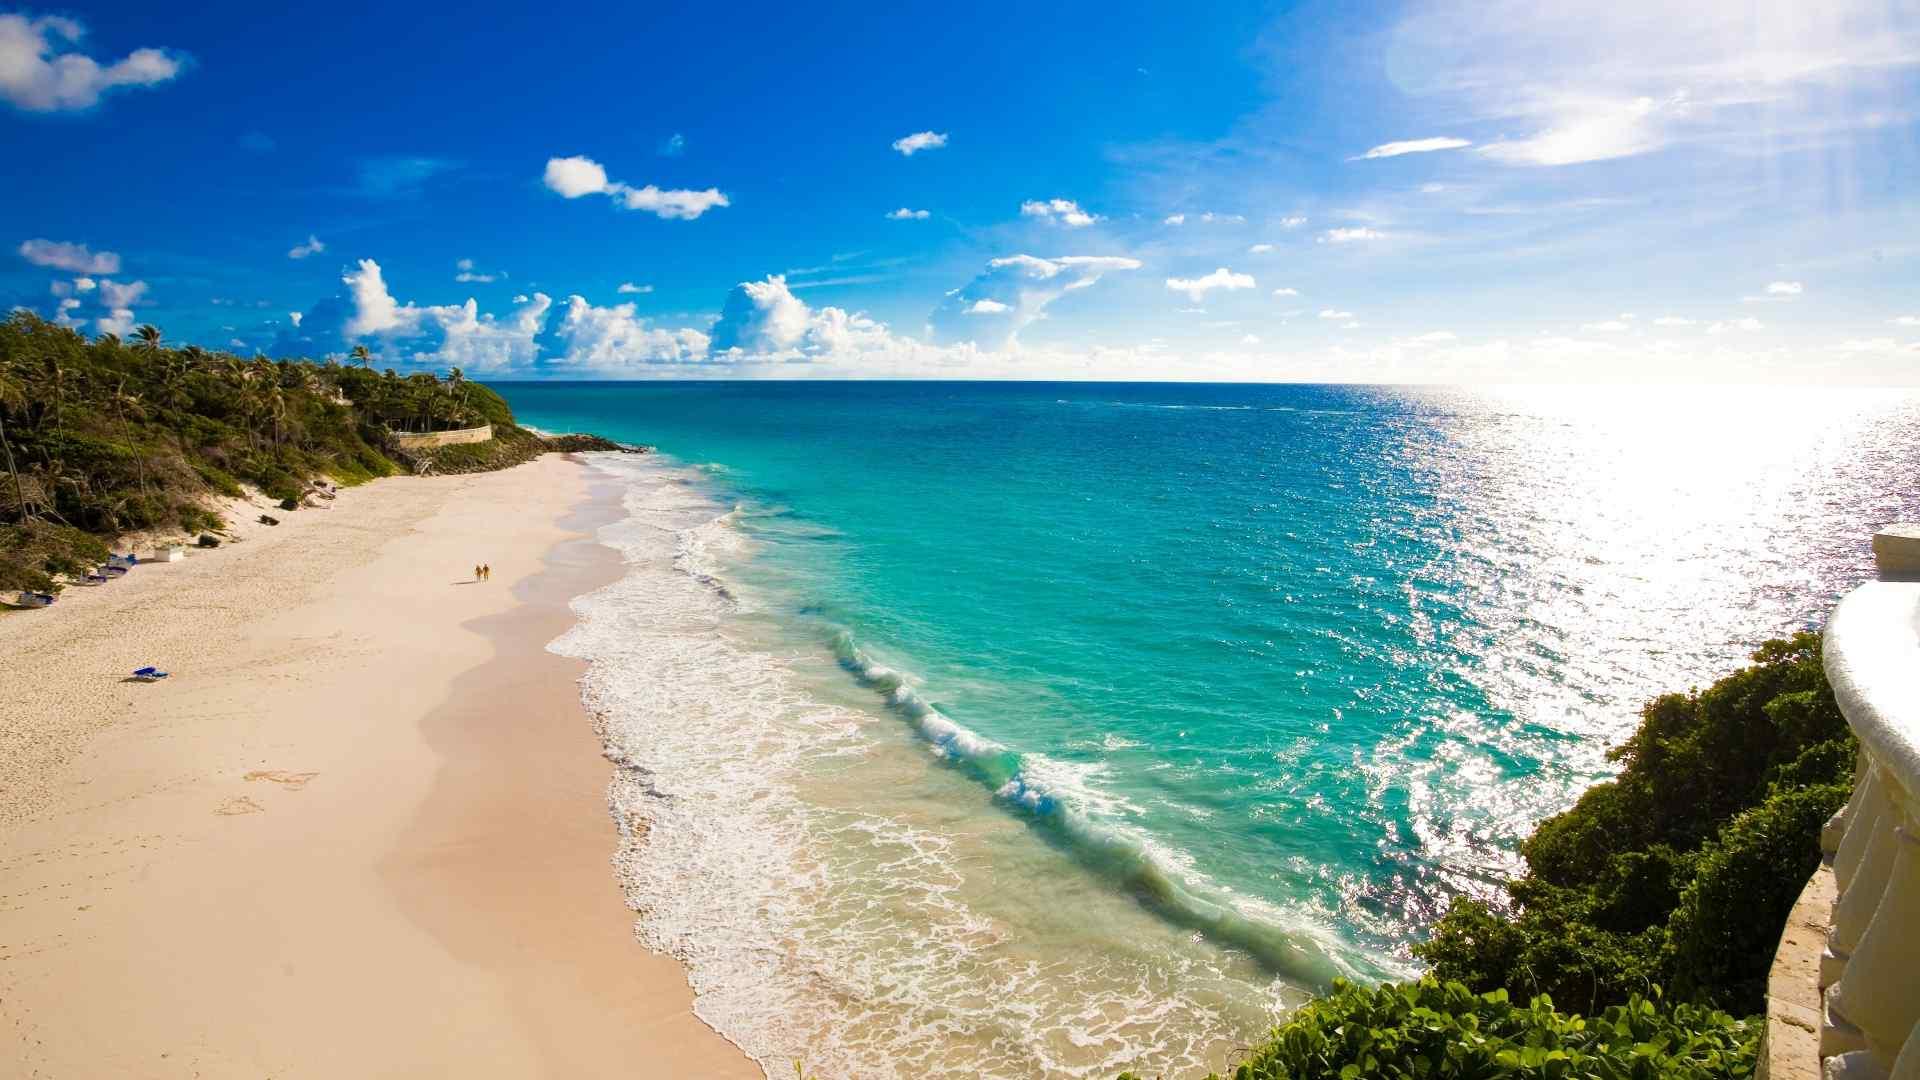 阳光下大海海岛桌面壁纸